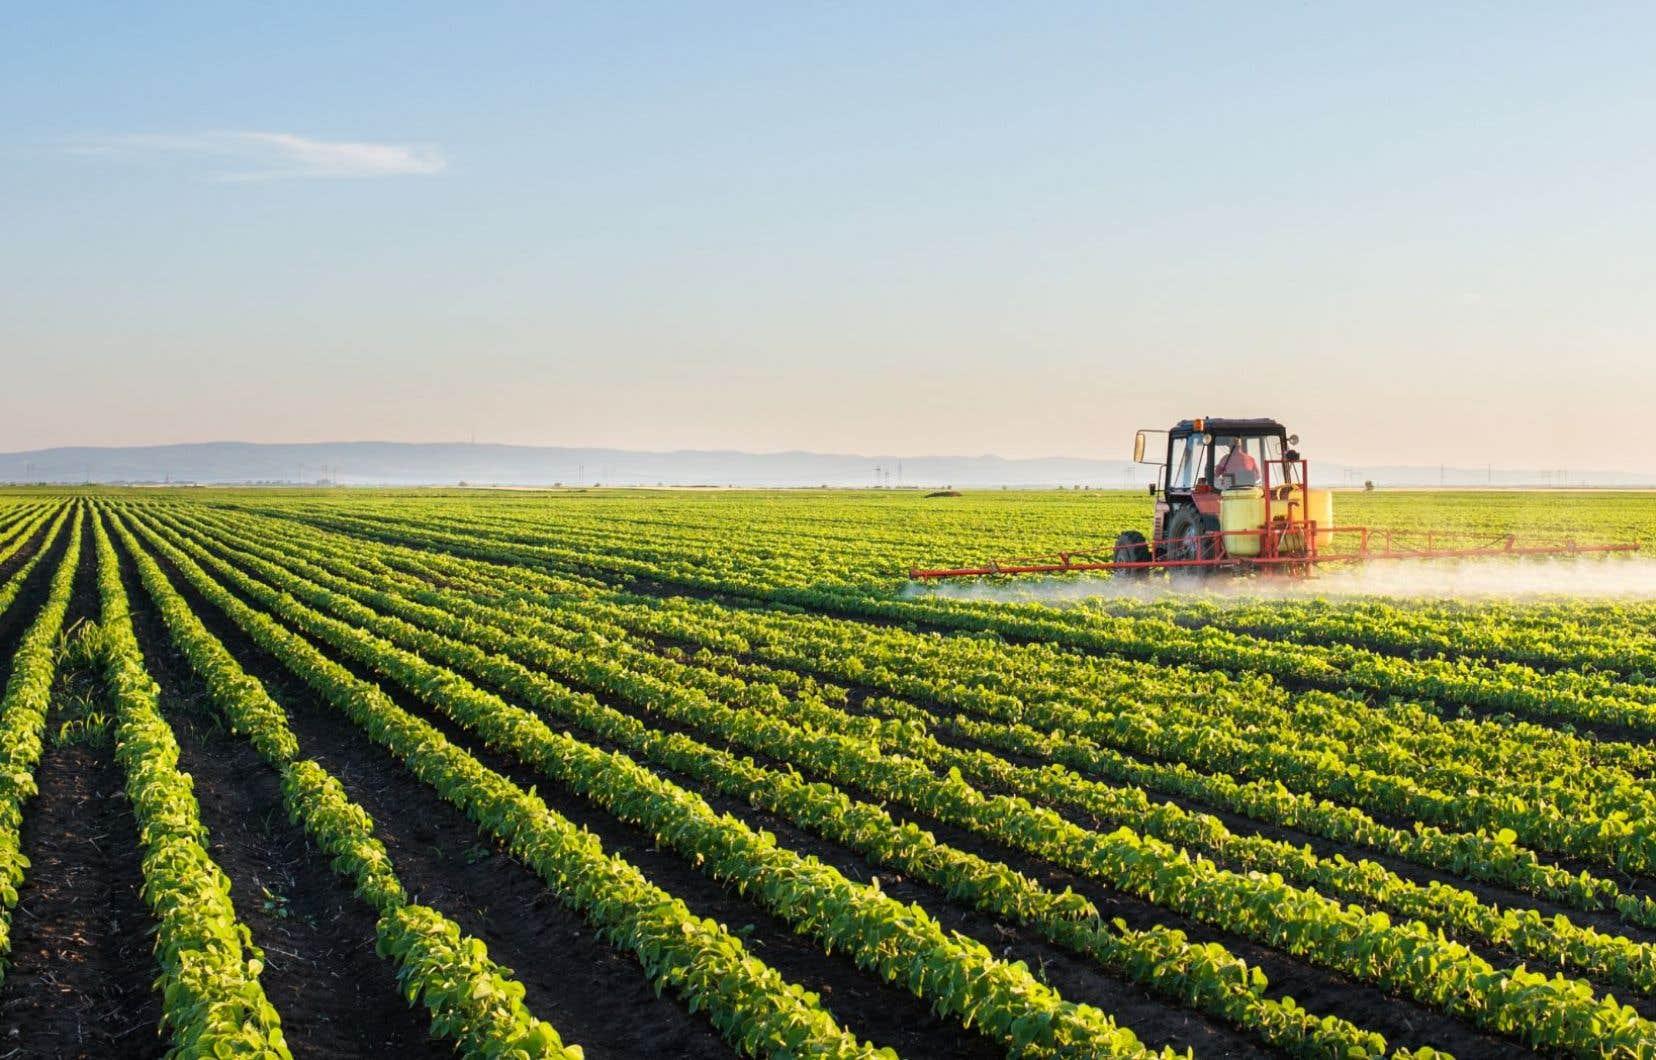 De 250 000 tonnes de maïs produites au Québec en 1973, on est passé aujourd'hui à 4 millions de tonnes.